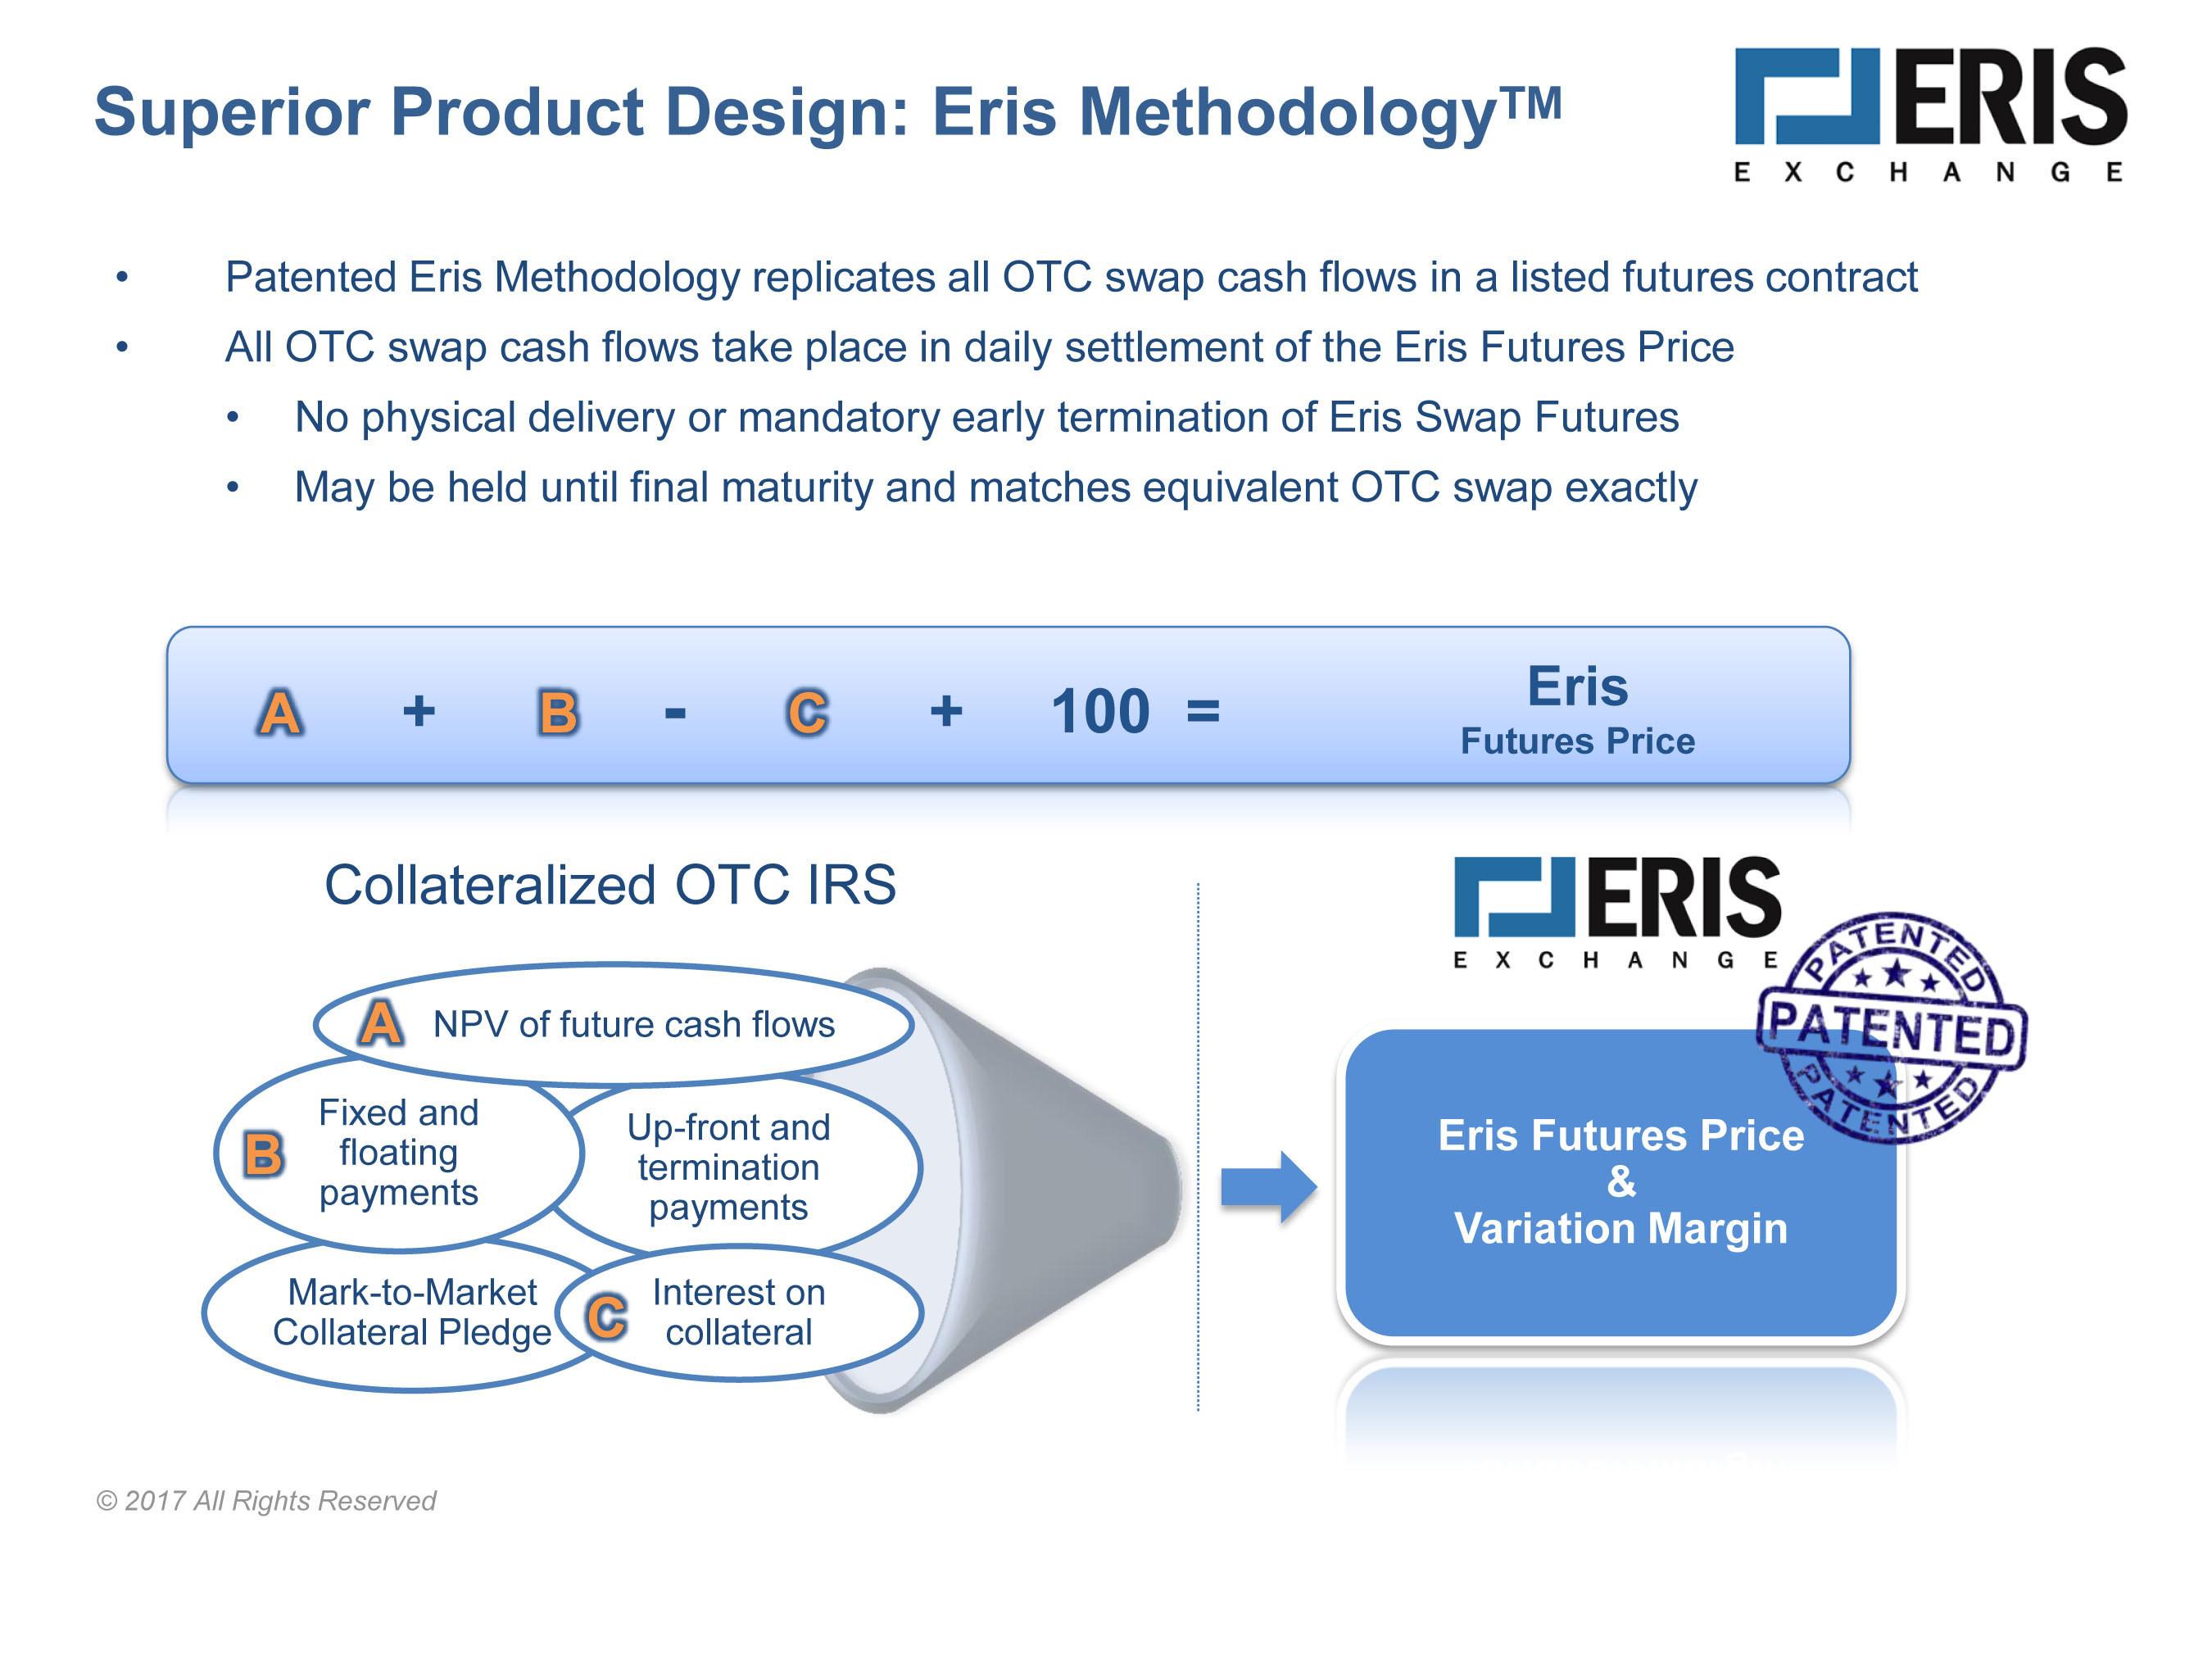 (PRNewsfoto/Eris Exchange)